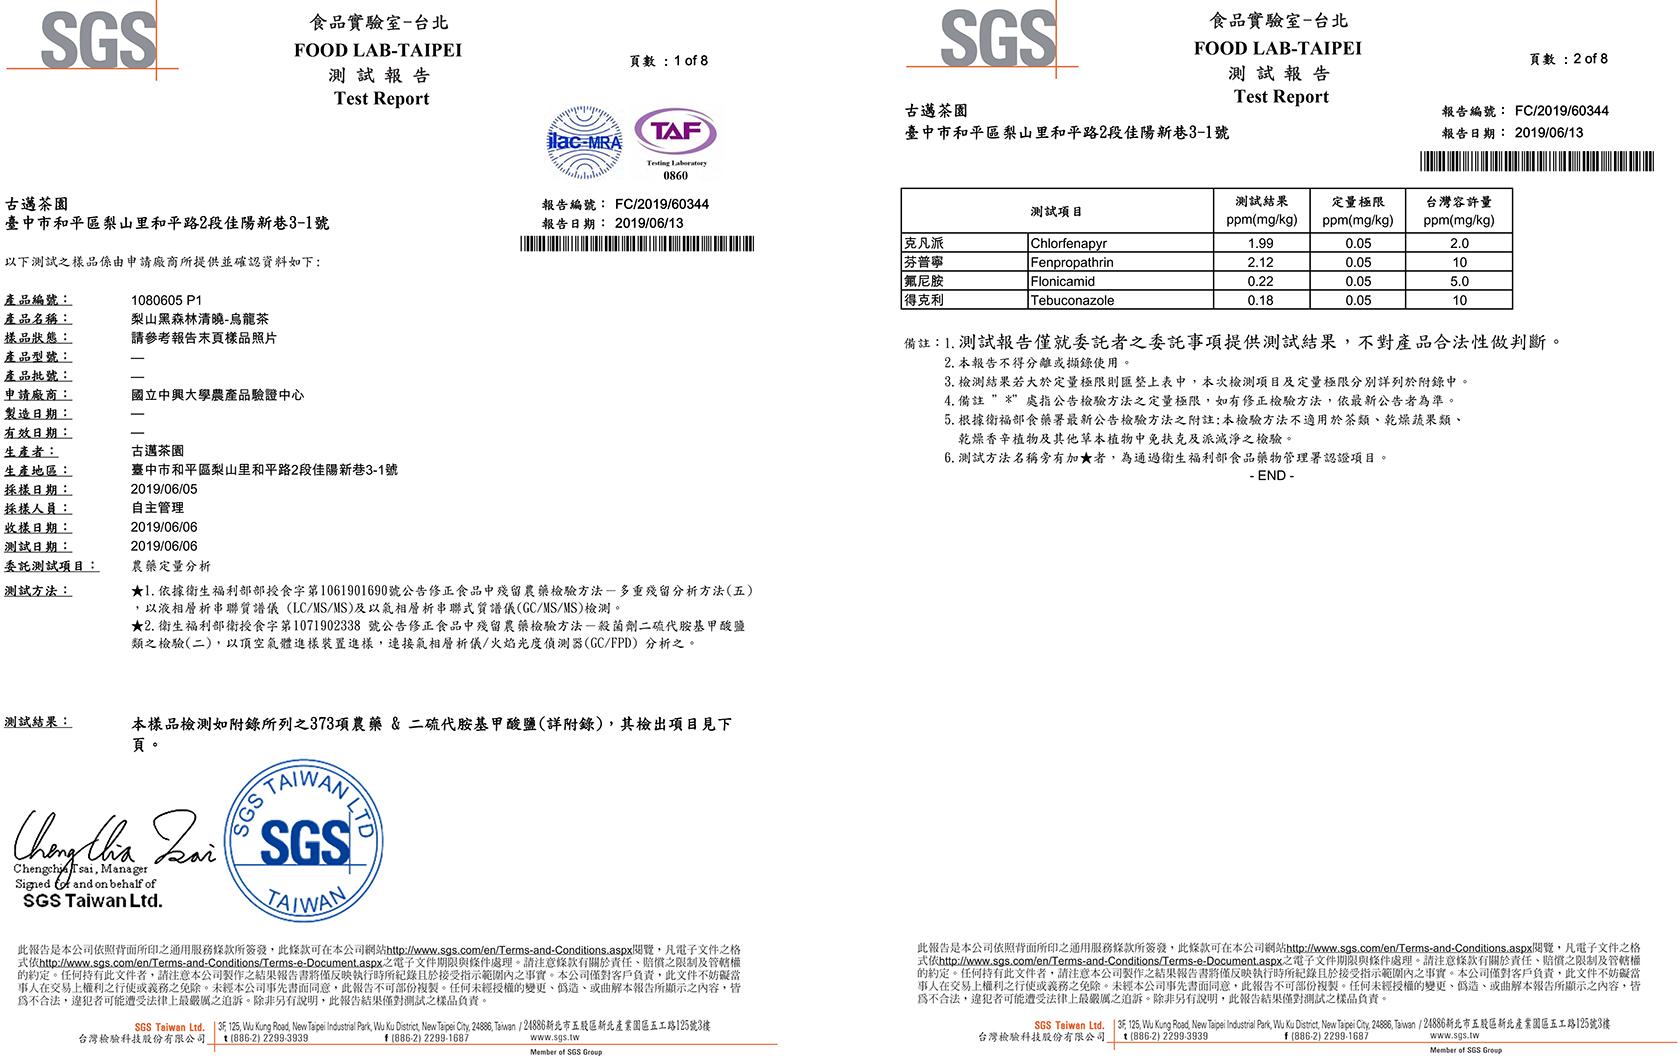 2019梨山古邁黑森林烏龍SGS檢驗報告